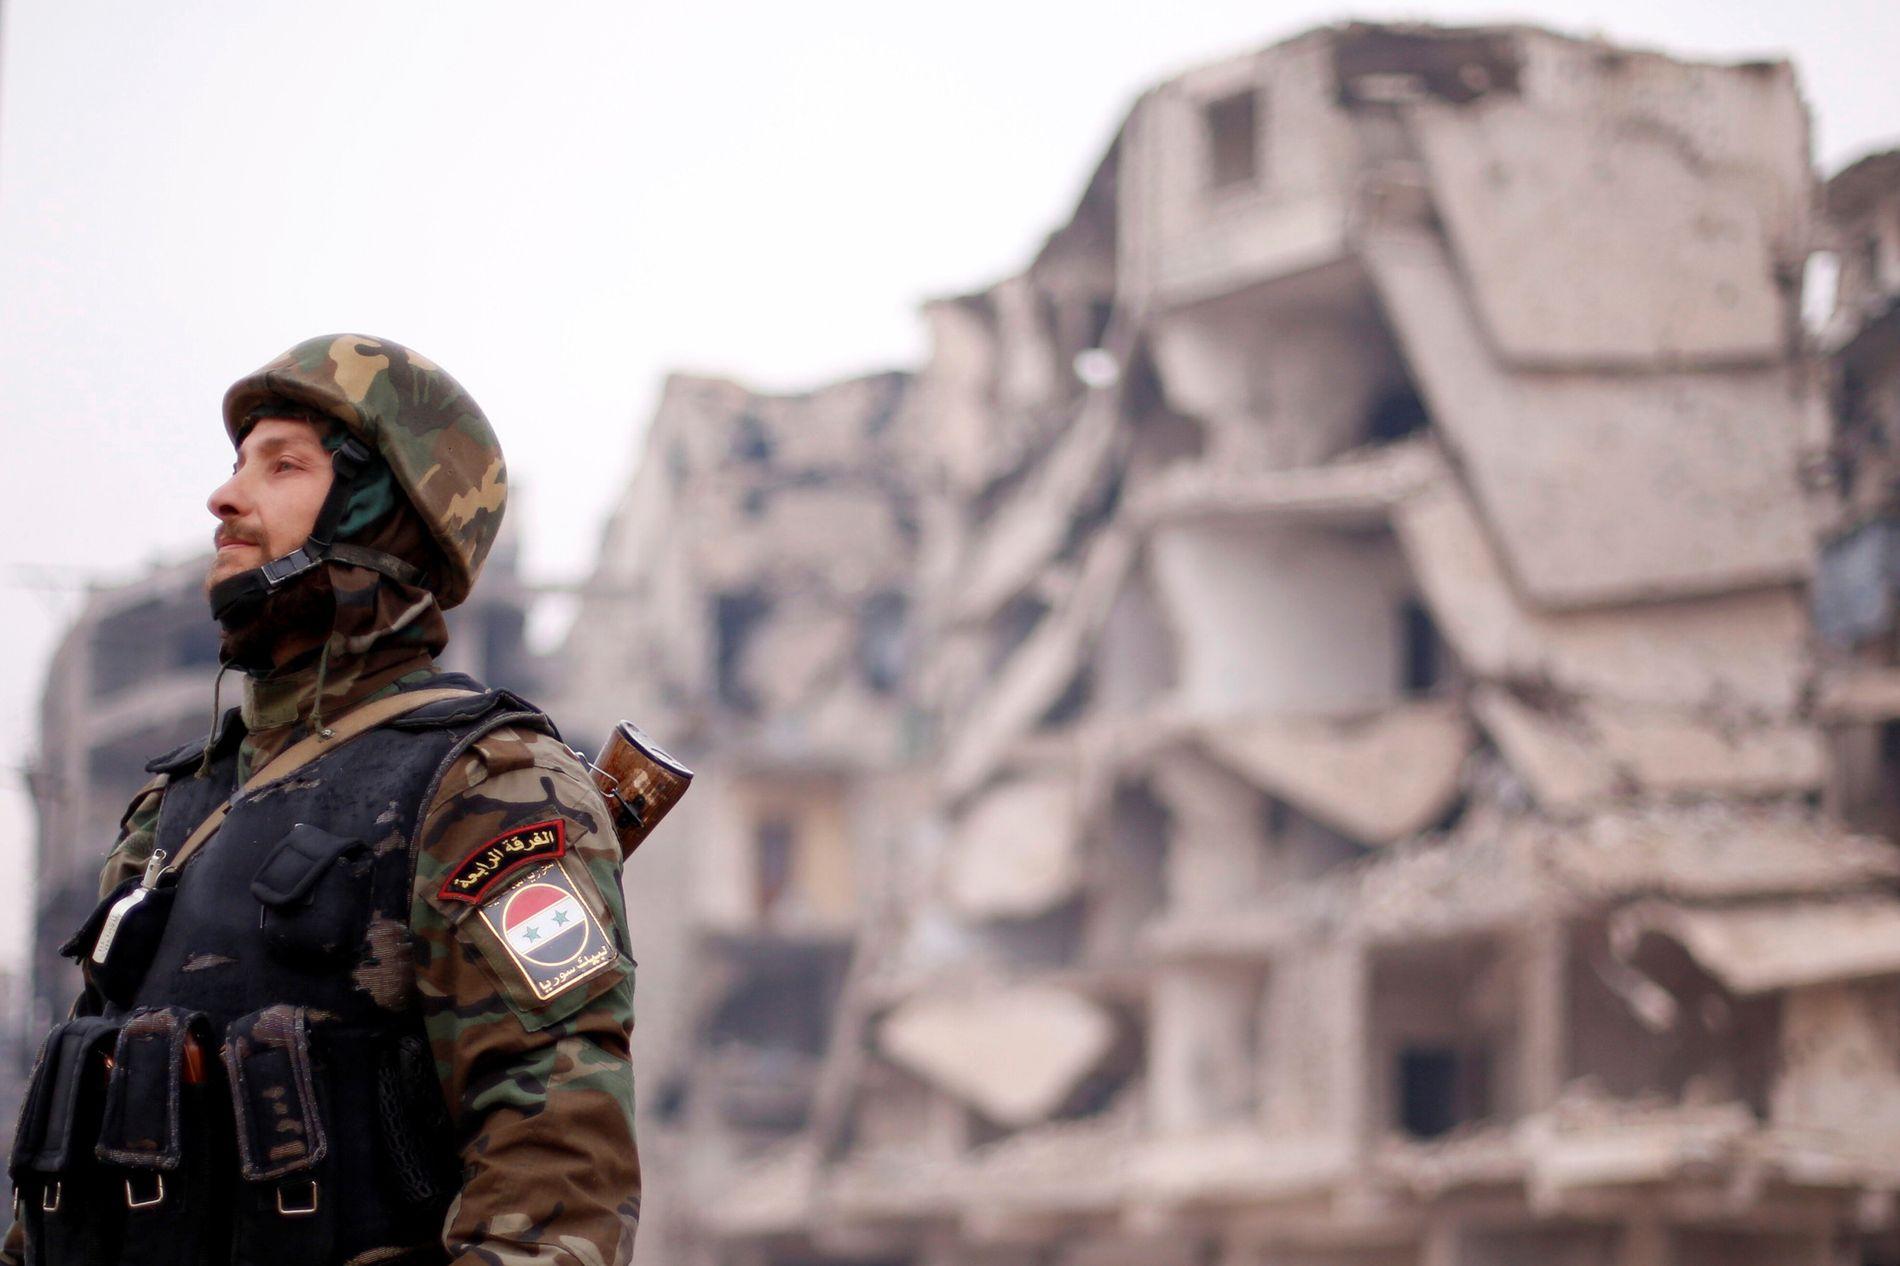 RUINER: Det er nesten bare ruiner igjen av Øst-Aleppo. Her står en av soldatene fra Syria's president Bashar al-Assads styrker, ved en av de bombede bygningene i Aleppo's Salaheddine distrikt. Foto: REUTERS/Omar Sanadiki